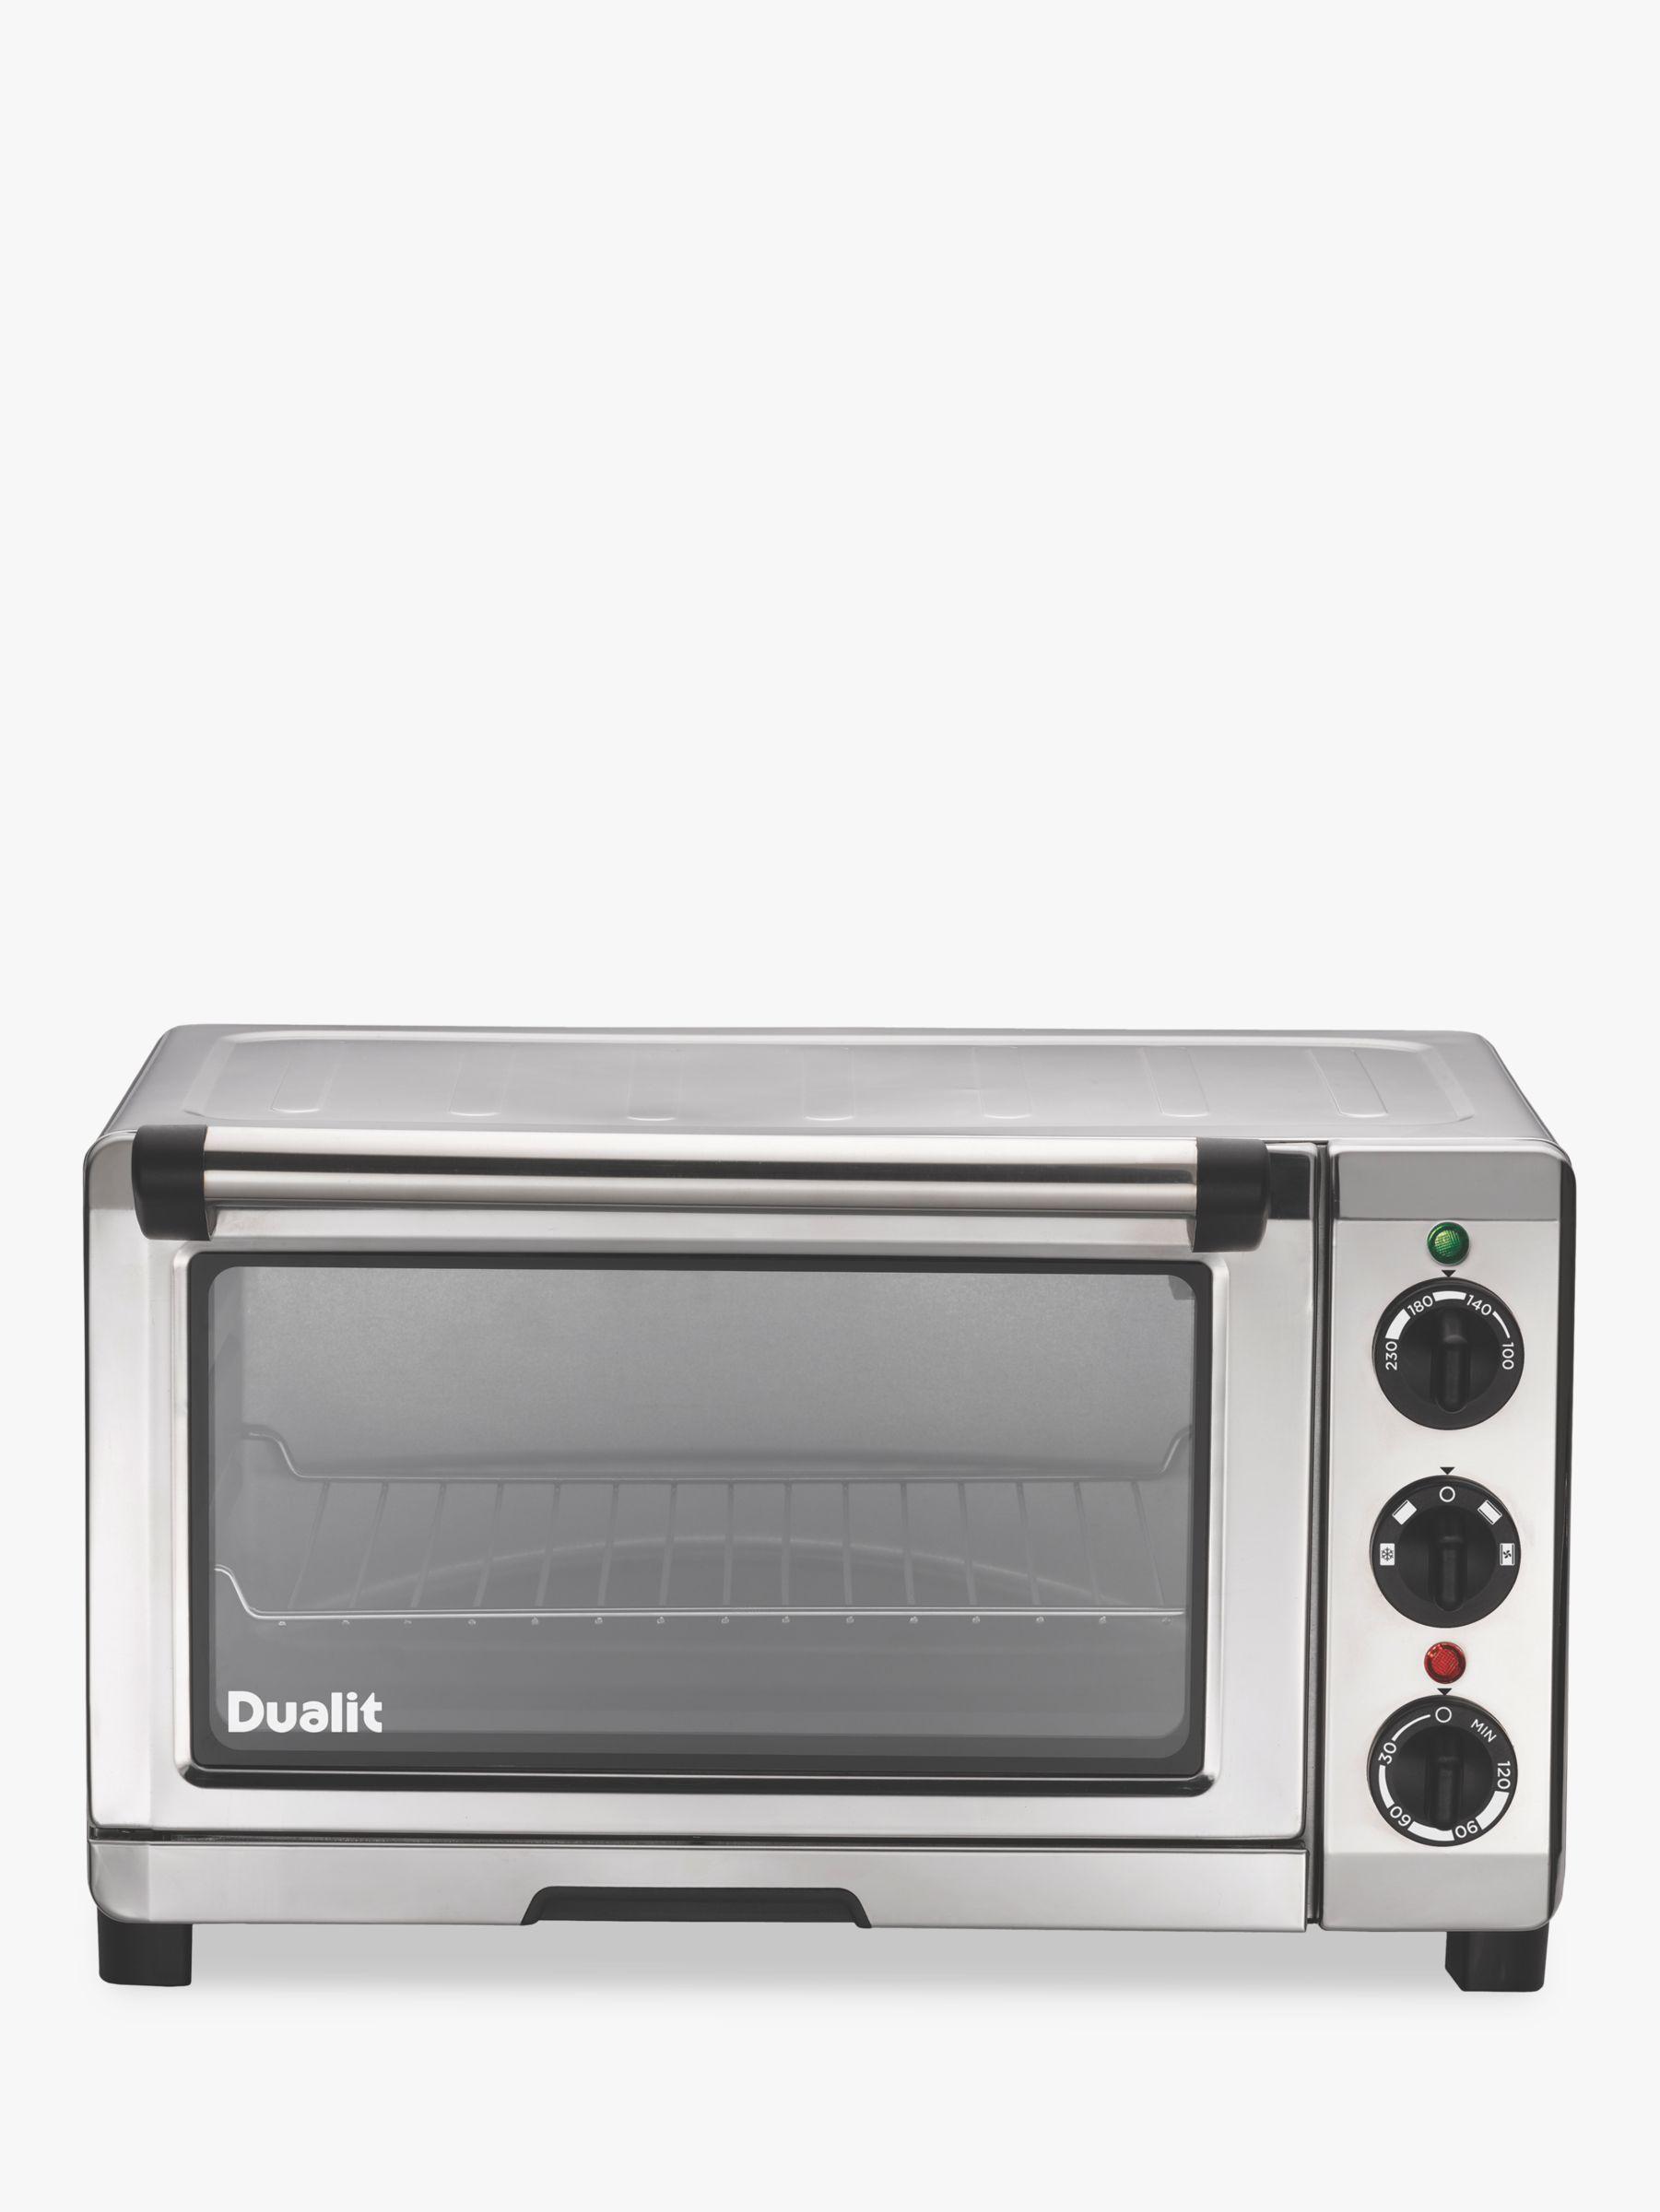 Dualit Dualit 89200 Mini Oven, Chrome